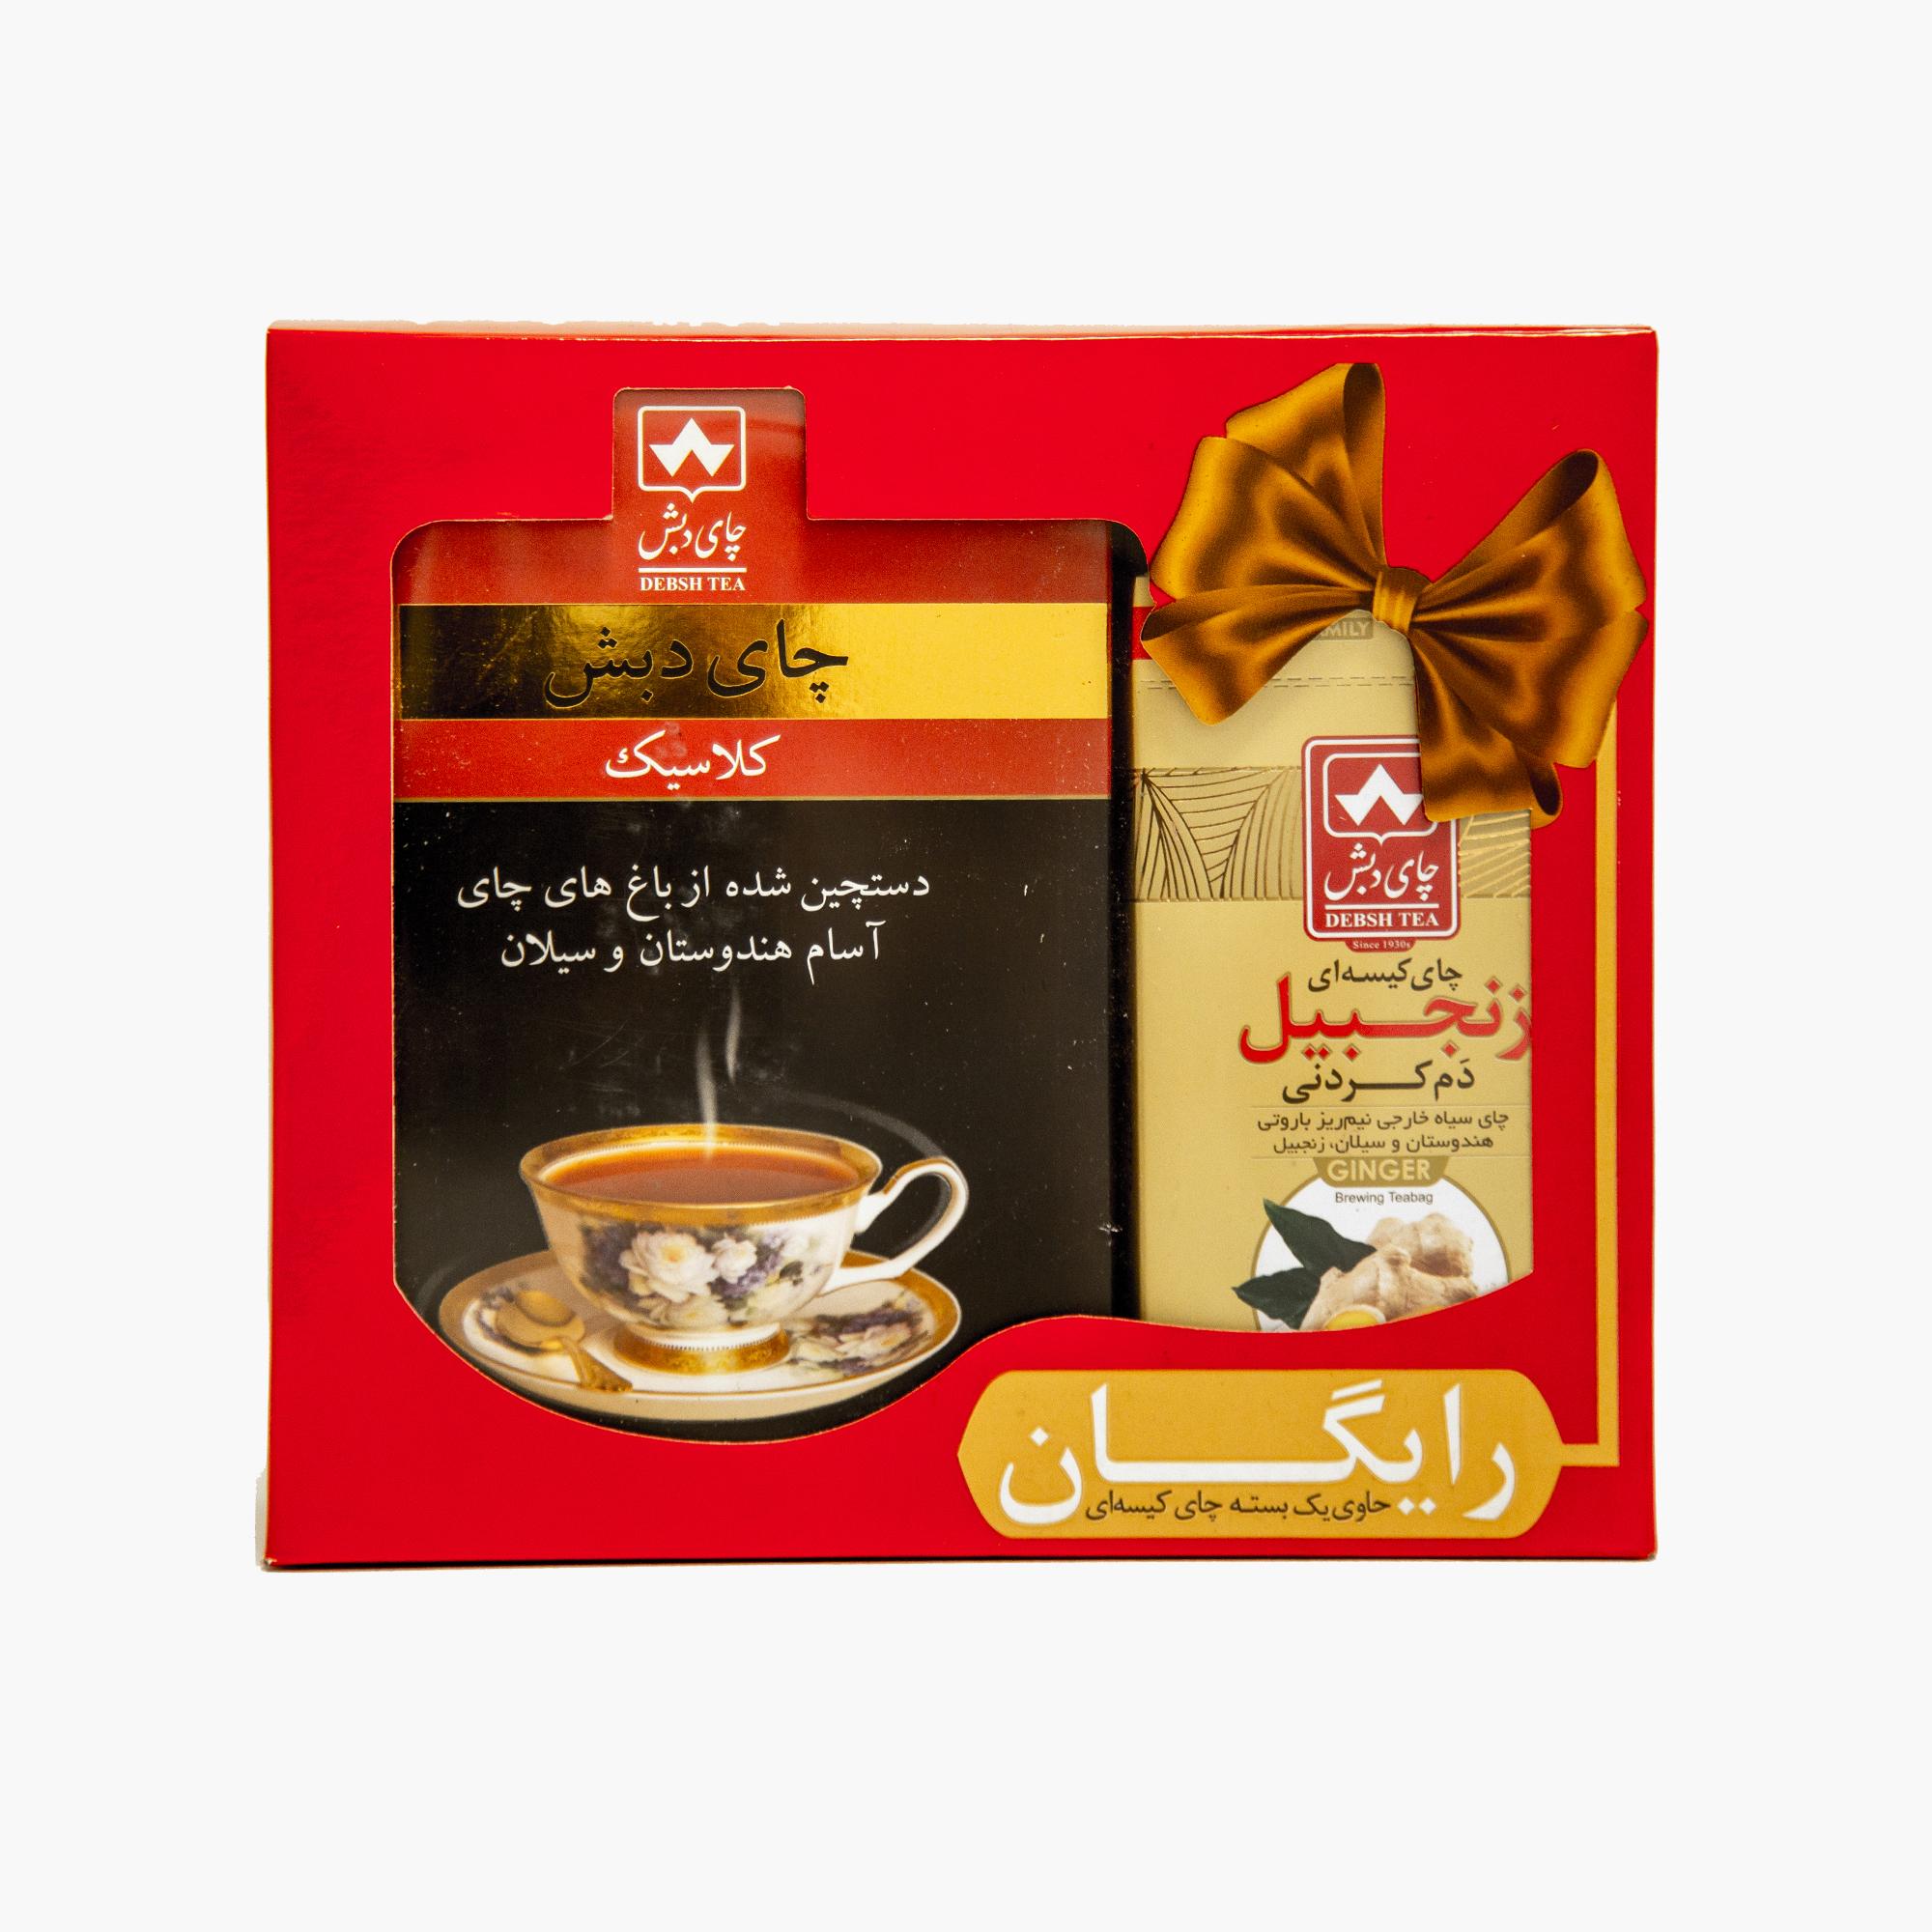 چای کلاسیک چای دبش - 500 گرمی و چای کیسه ای دم کردنی زنجبیلی دبش بسته 10 عددی